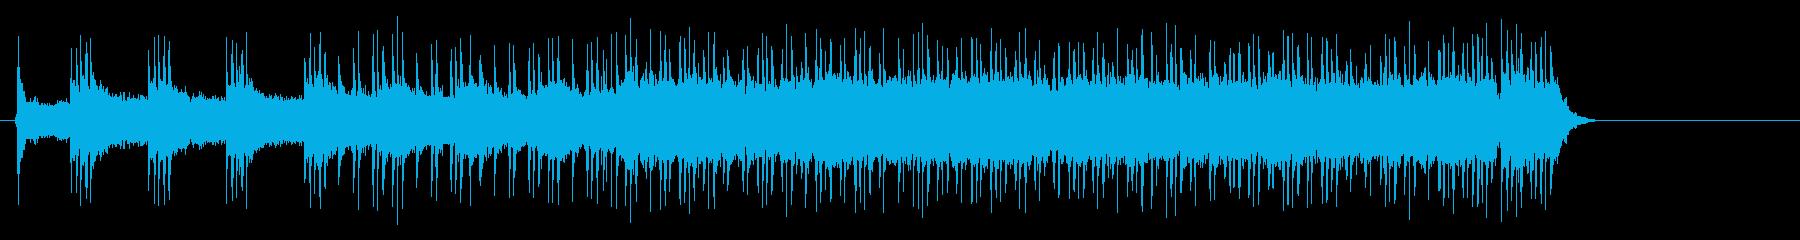 エキサイティングなスポーティロックの再生済みの波形